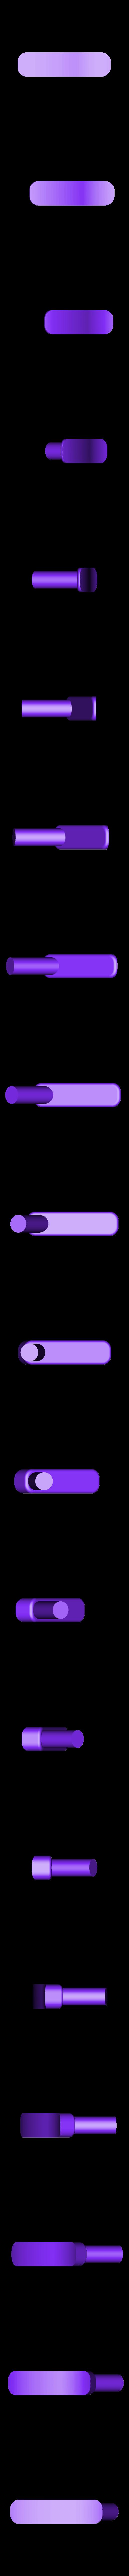 Ship_Construction_Gear_v2.STL Télécharger fichier STL gratuit Soucoupe volante Alien (USB) • Modèle pour impression 3D, fastkite